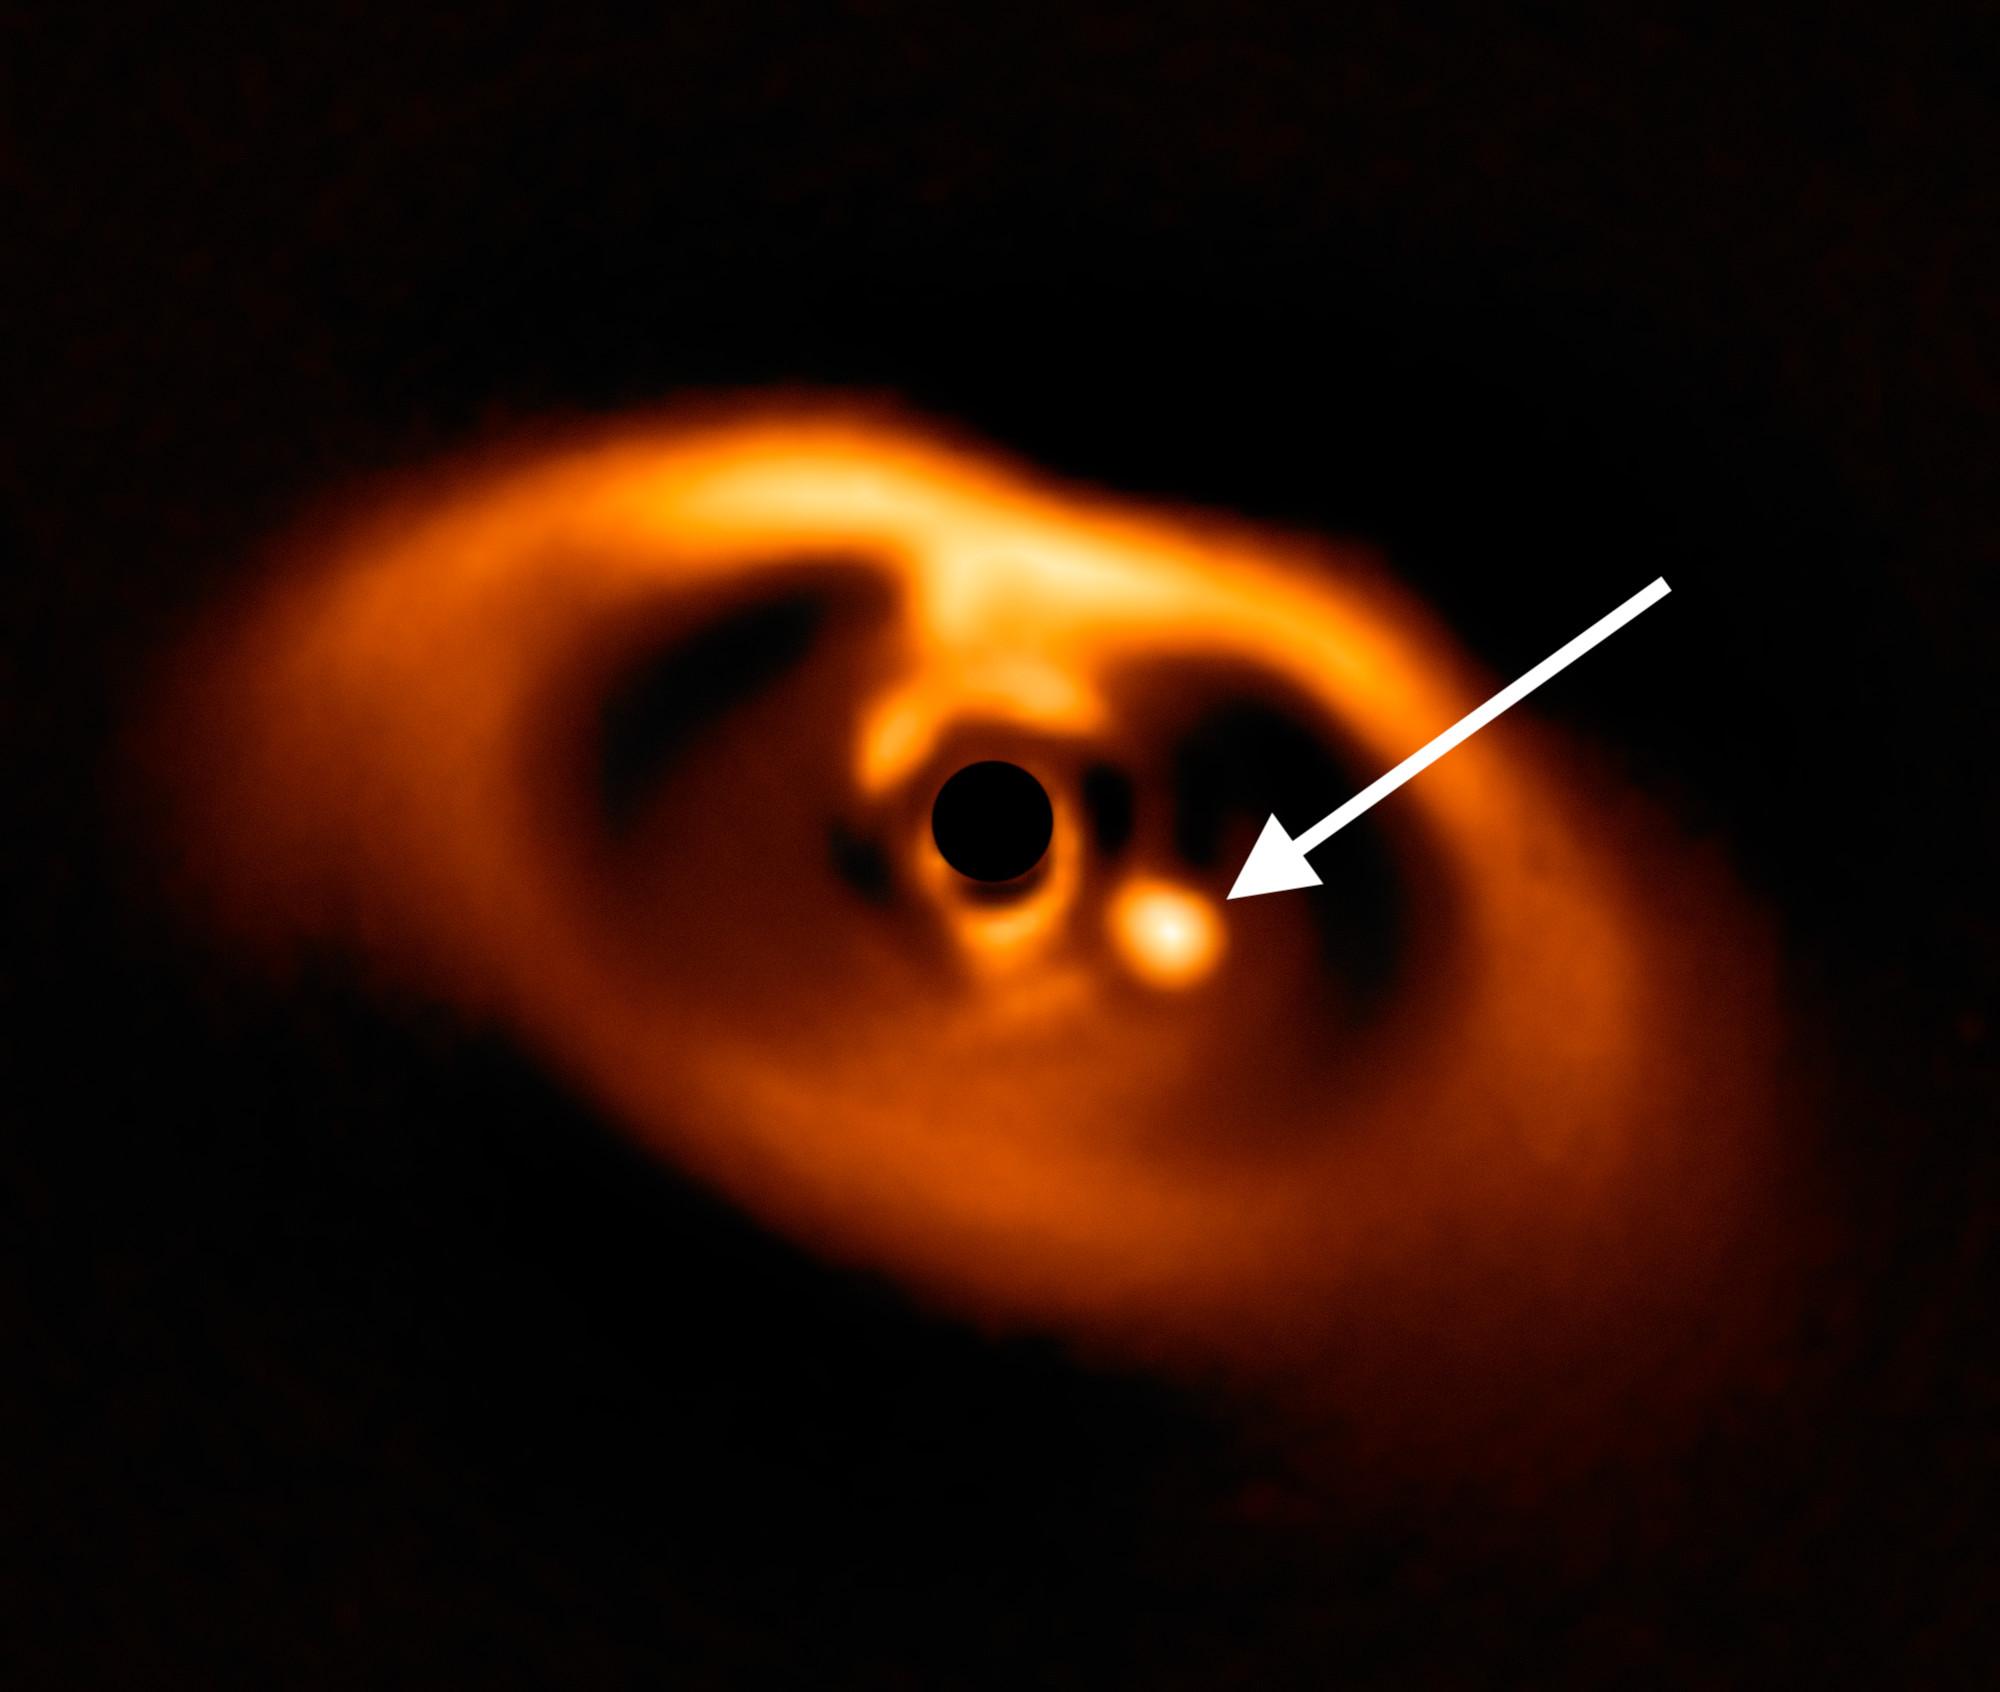 изображение новорожденной планеты - PDS 70b